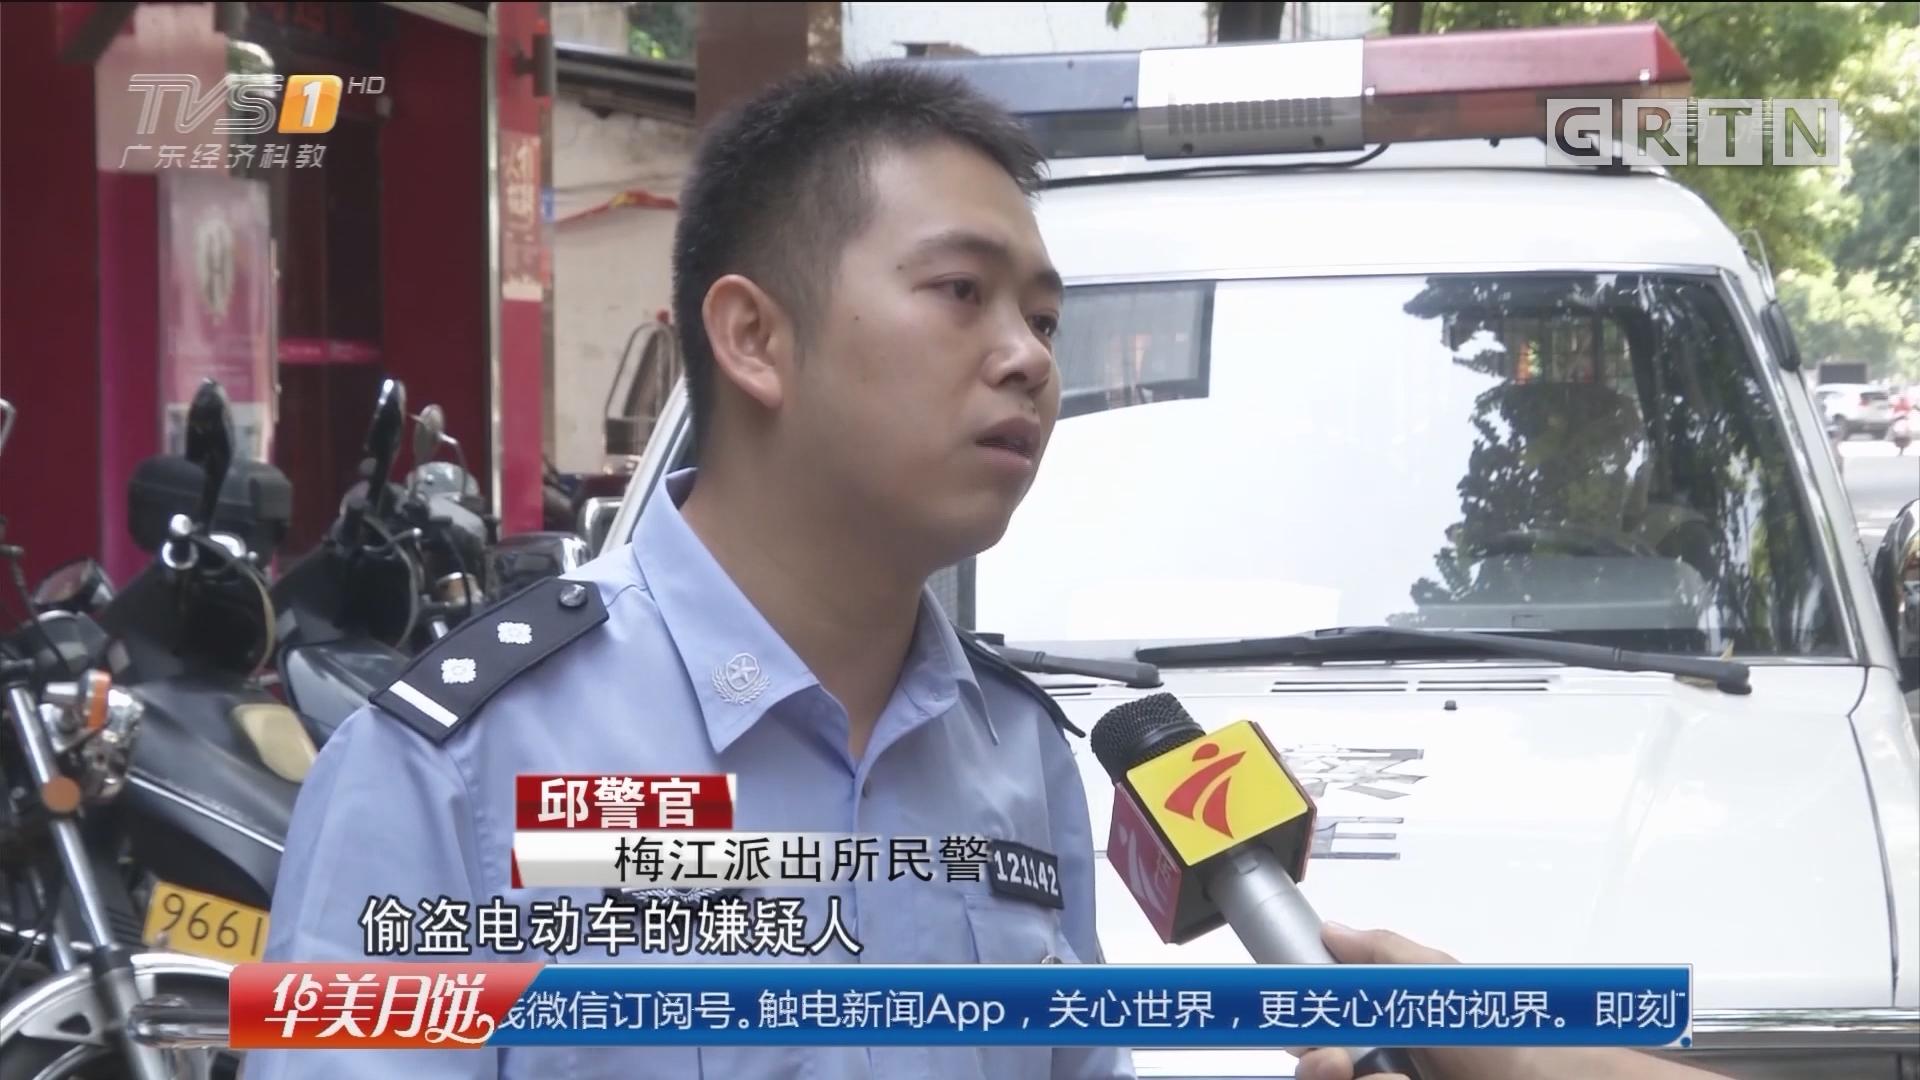 梅州:作贼心虚 偷车贼遇民警盘查被吓瘫